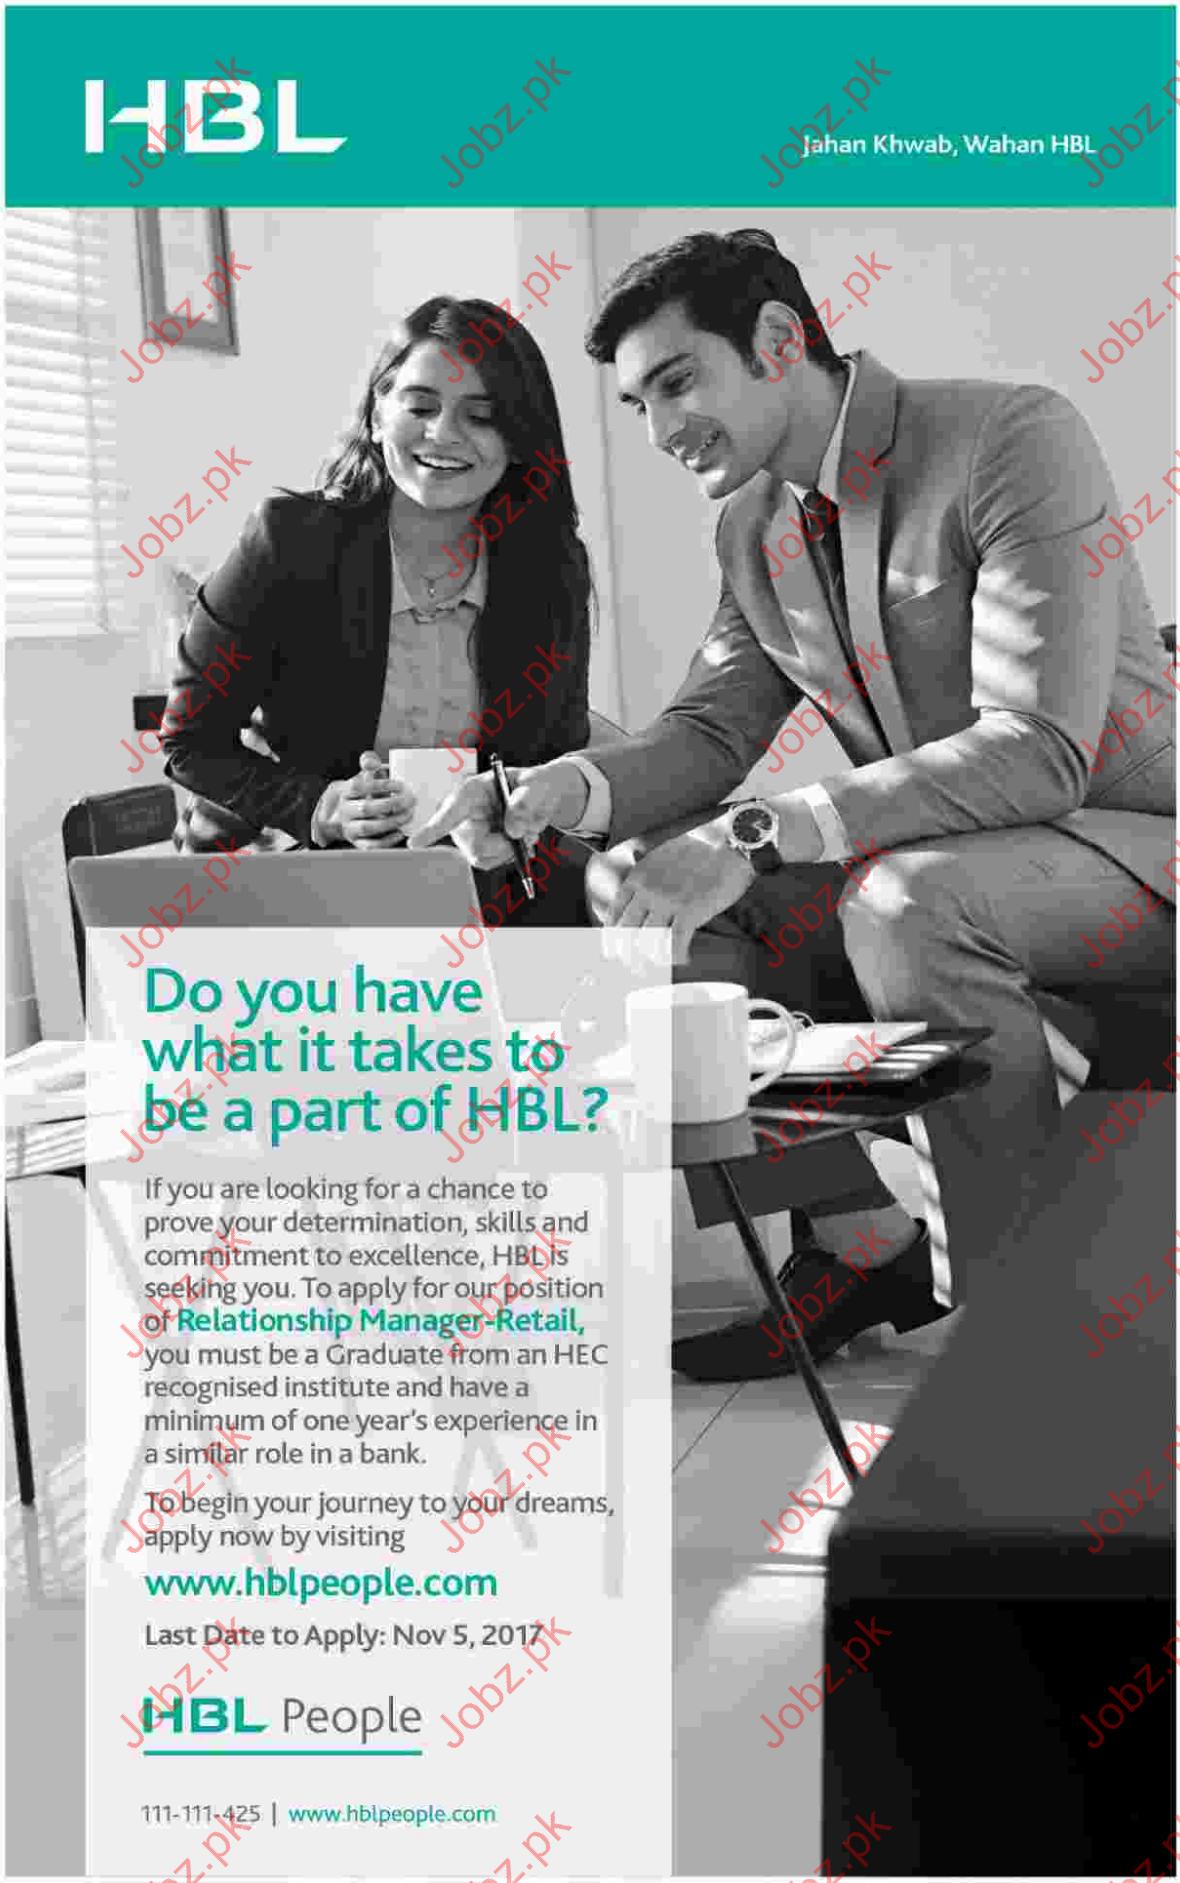 HBL Jobs 2017 at Habib Bank Ltd